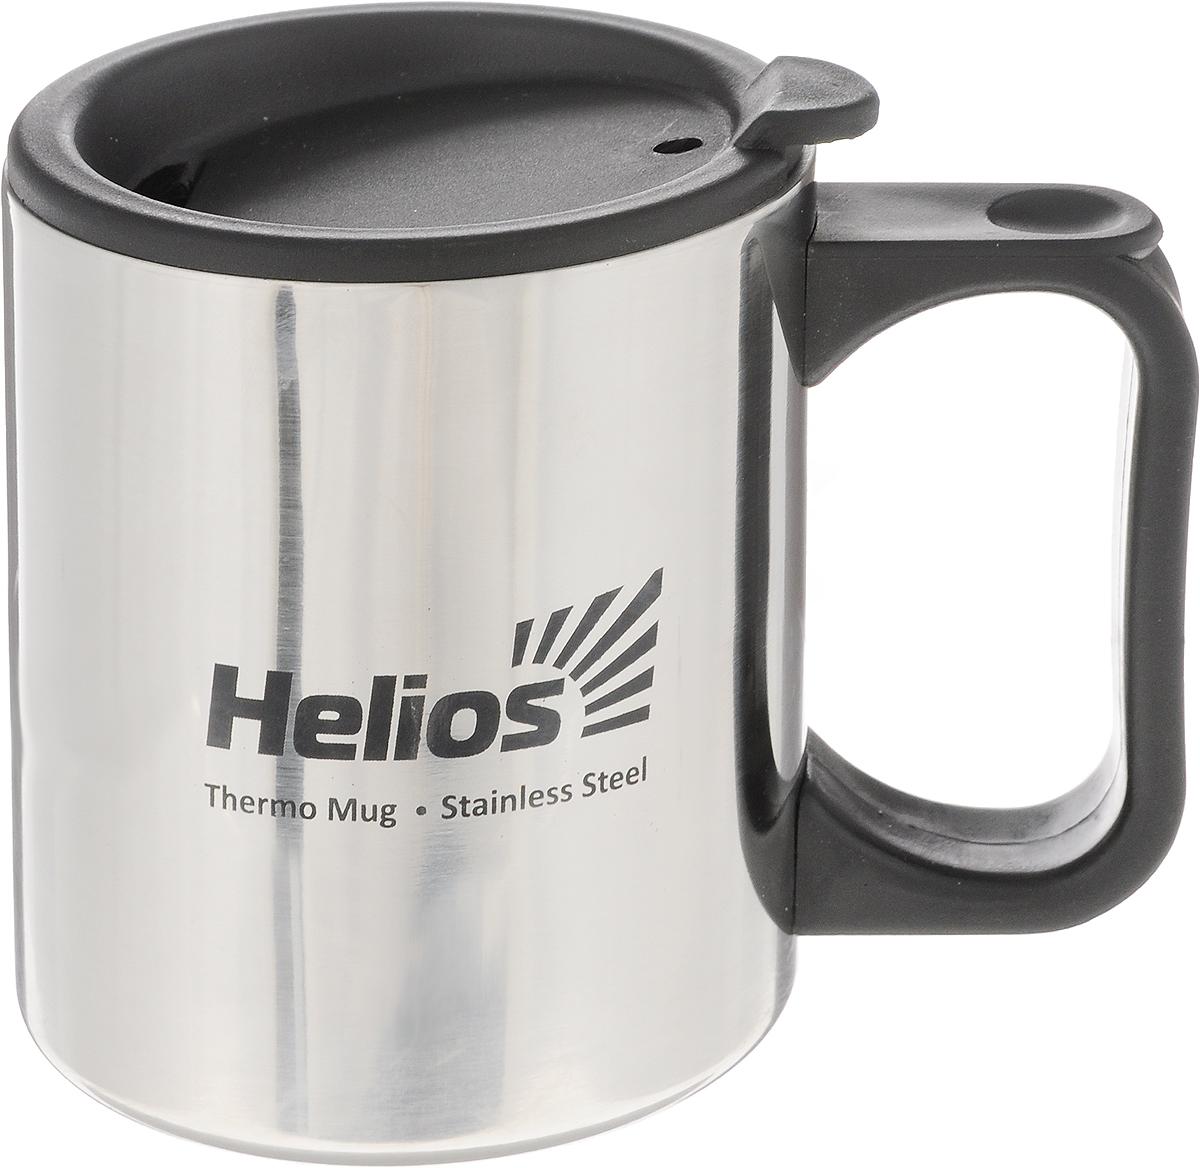 Термокружка HeliosHS TK-006,с крышкой-поилкой, 300 мл128983Термокружка Helios HS TK-006 предназначена специально для горячих и холодных напитков. Она изготовлена из высококачественной нержавеющей стали. Двойная стенка гарантирует долгое сохранение температуры и убережет от ожогов при заваривании чая или кофе. Крышка-поилка из термостойкого пластика предохраняет от проливания и не дает напитку остыть.Такая кружка прекрасно сохраняет свою целостность и первозданный вид даже при многократном использовании.Диаметр кружки (по верхнему краю): 7,8 см. Высота кружки (без учета крышки): 9 см.